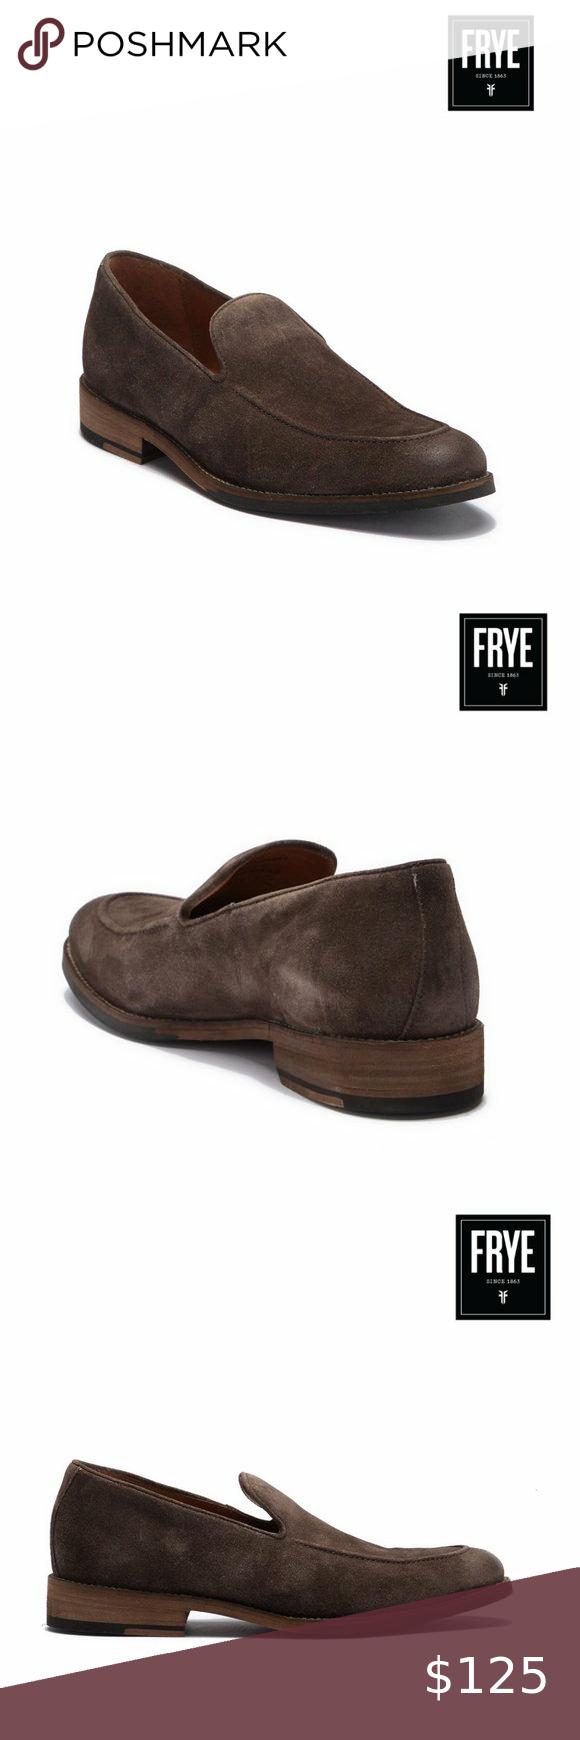 Frye Men's Venetian Suede Loafer in